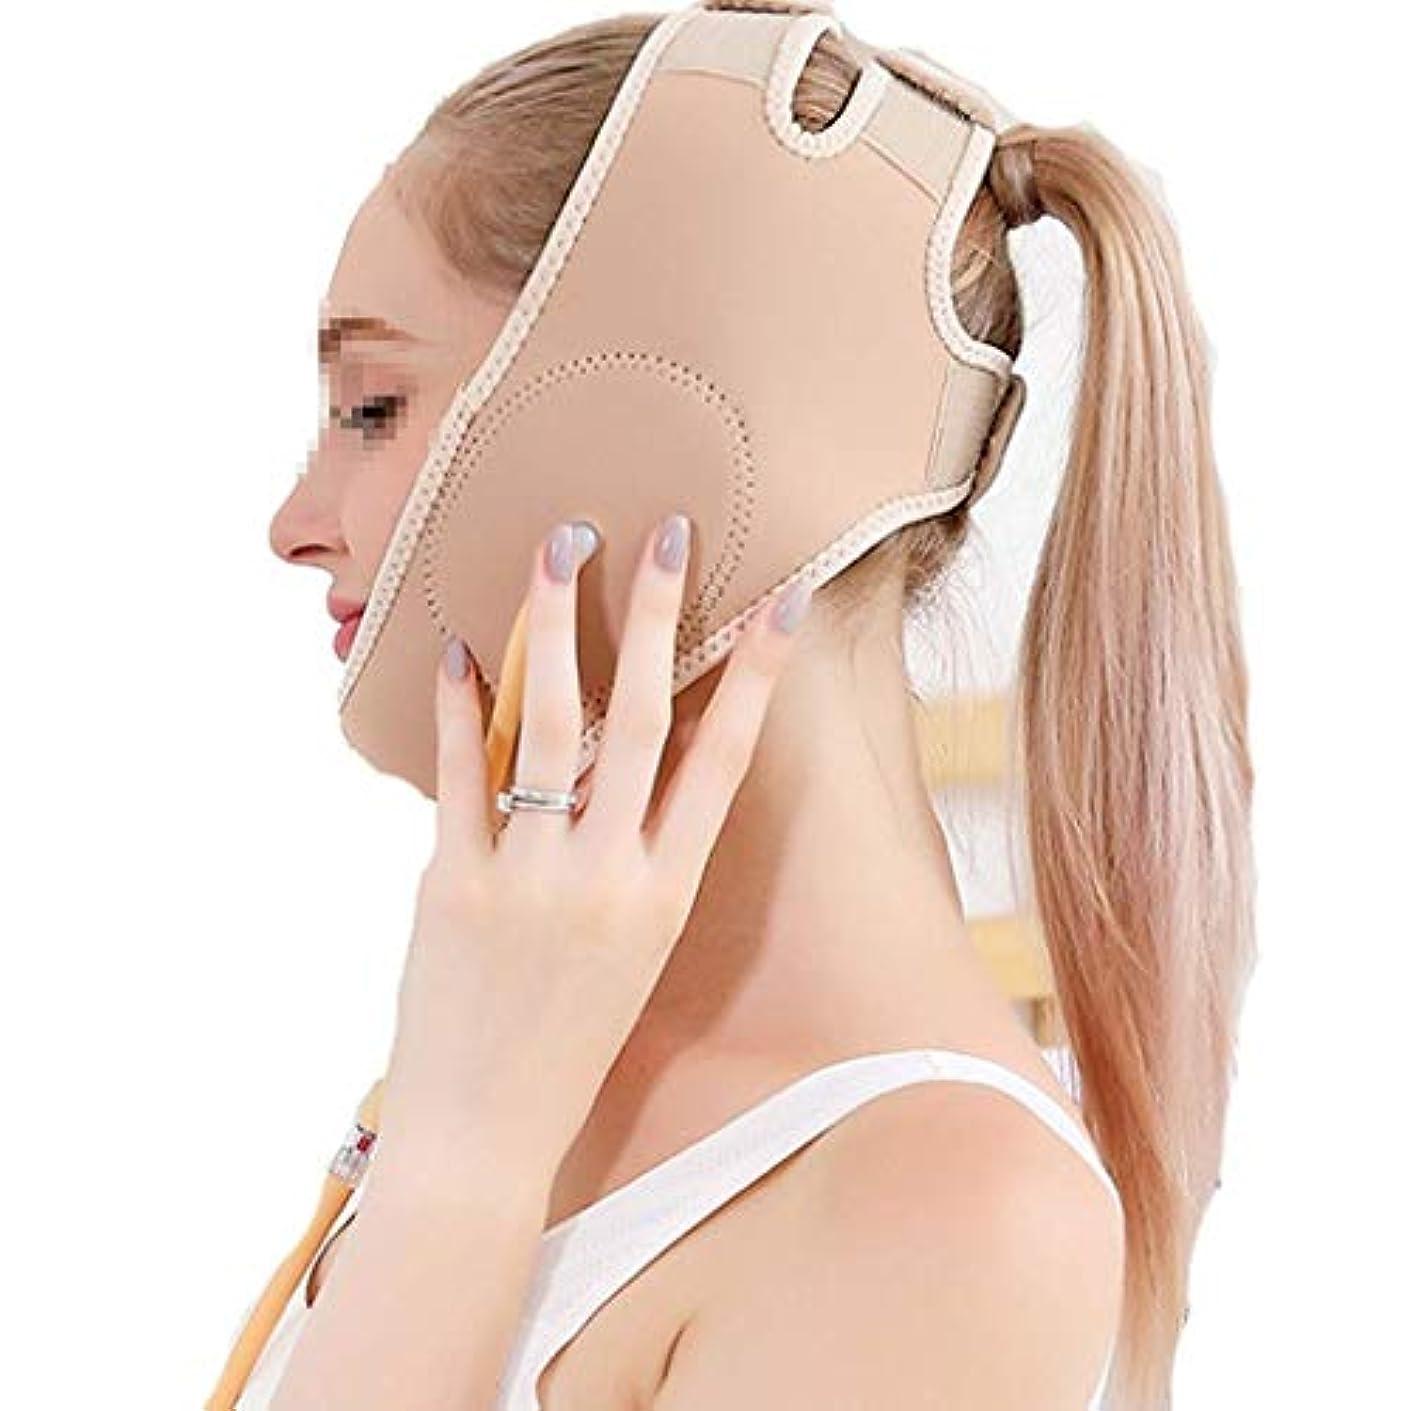 取るパケット属する空気圧薄型フェイスベルト、マスクスモールVフェイスプレッシャーリフティングシェーピングバイトマッスルファーミングパターンダブルチンバンデージシンフェイスバンデージマルチカラーオプションa(色:肌色)